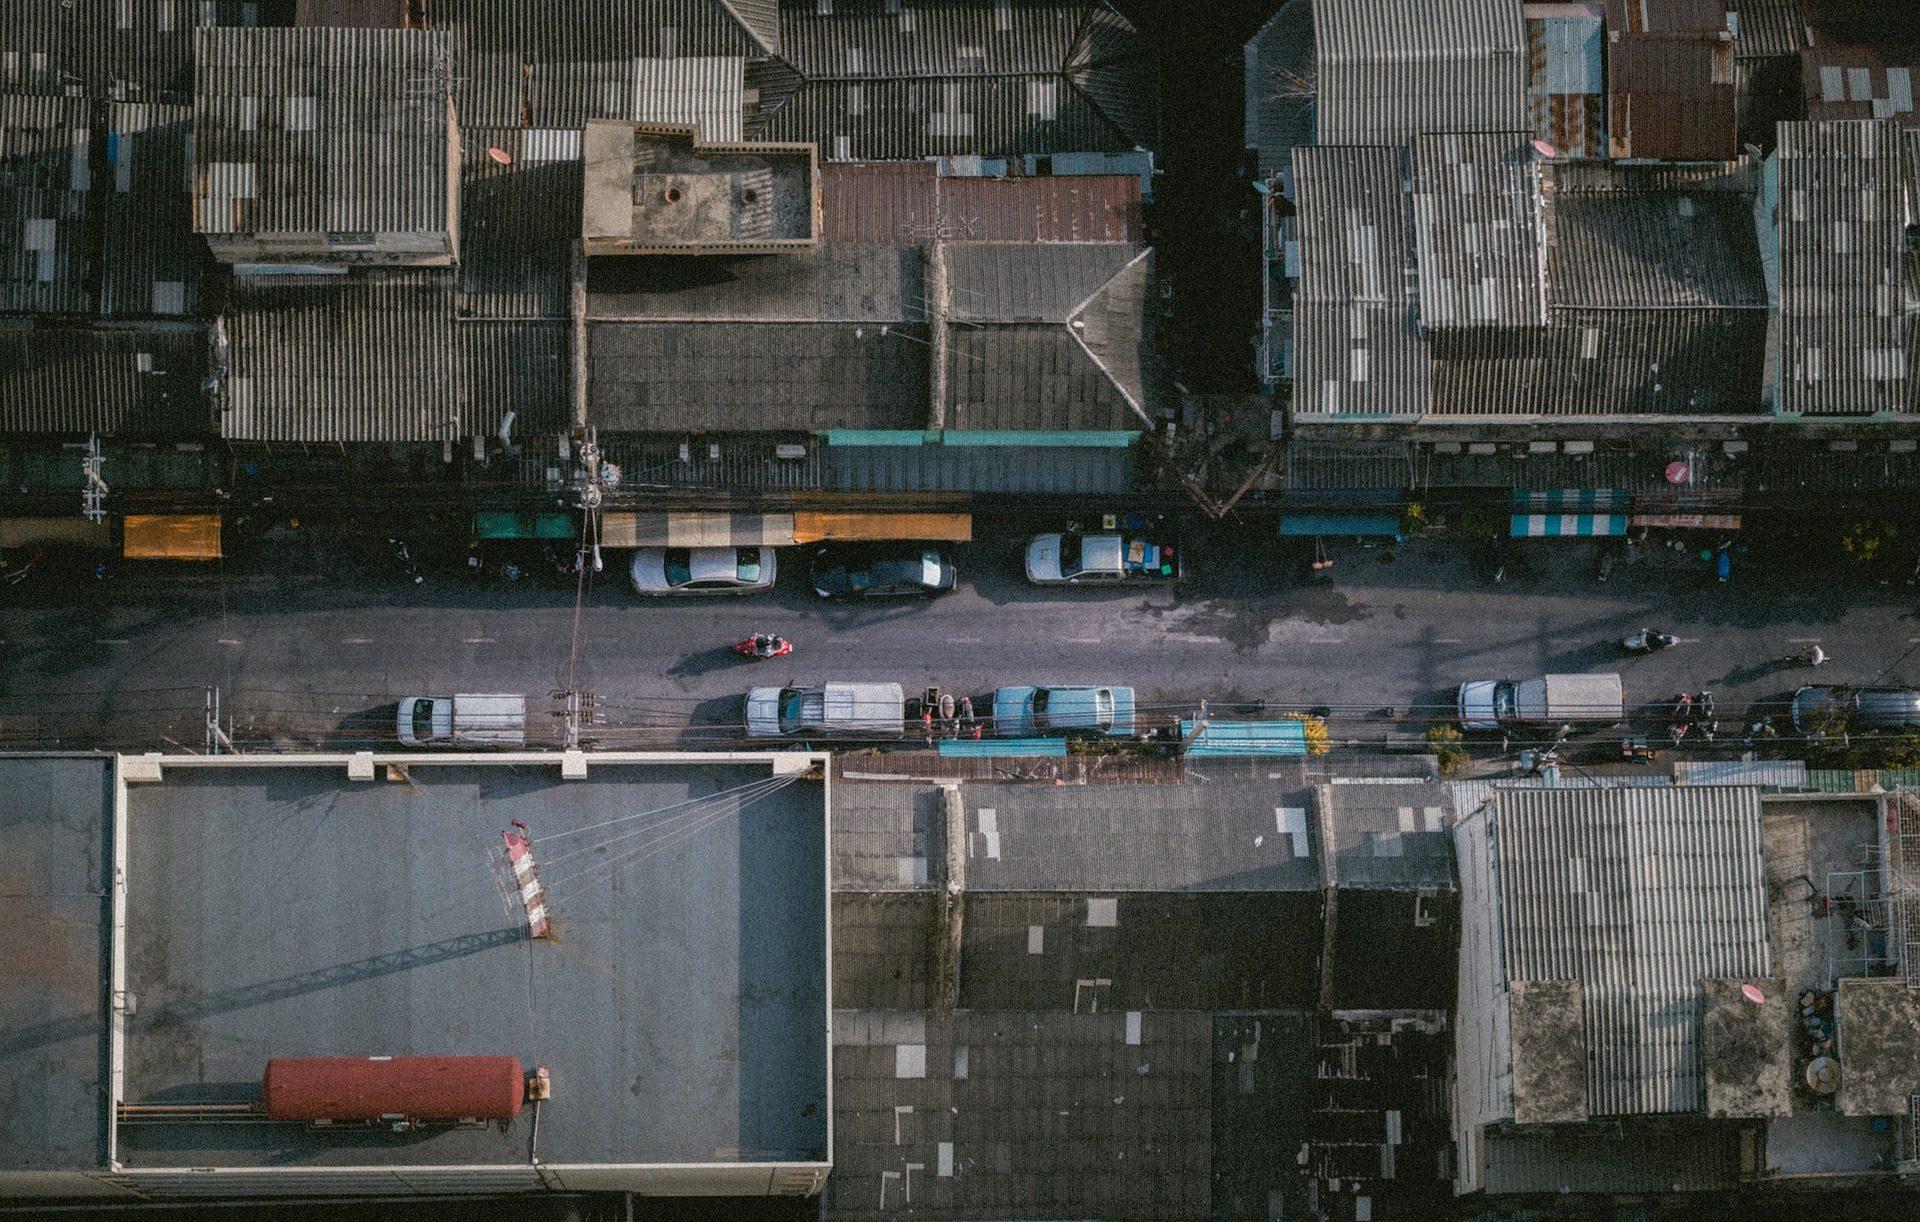 Città, tetti, Strada, Automobili, Case, edifici - Sfondi HD - Professor-falken.com